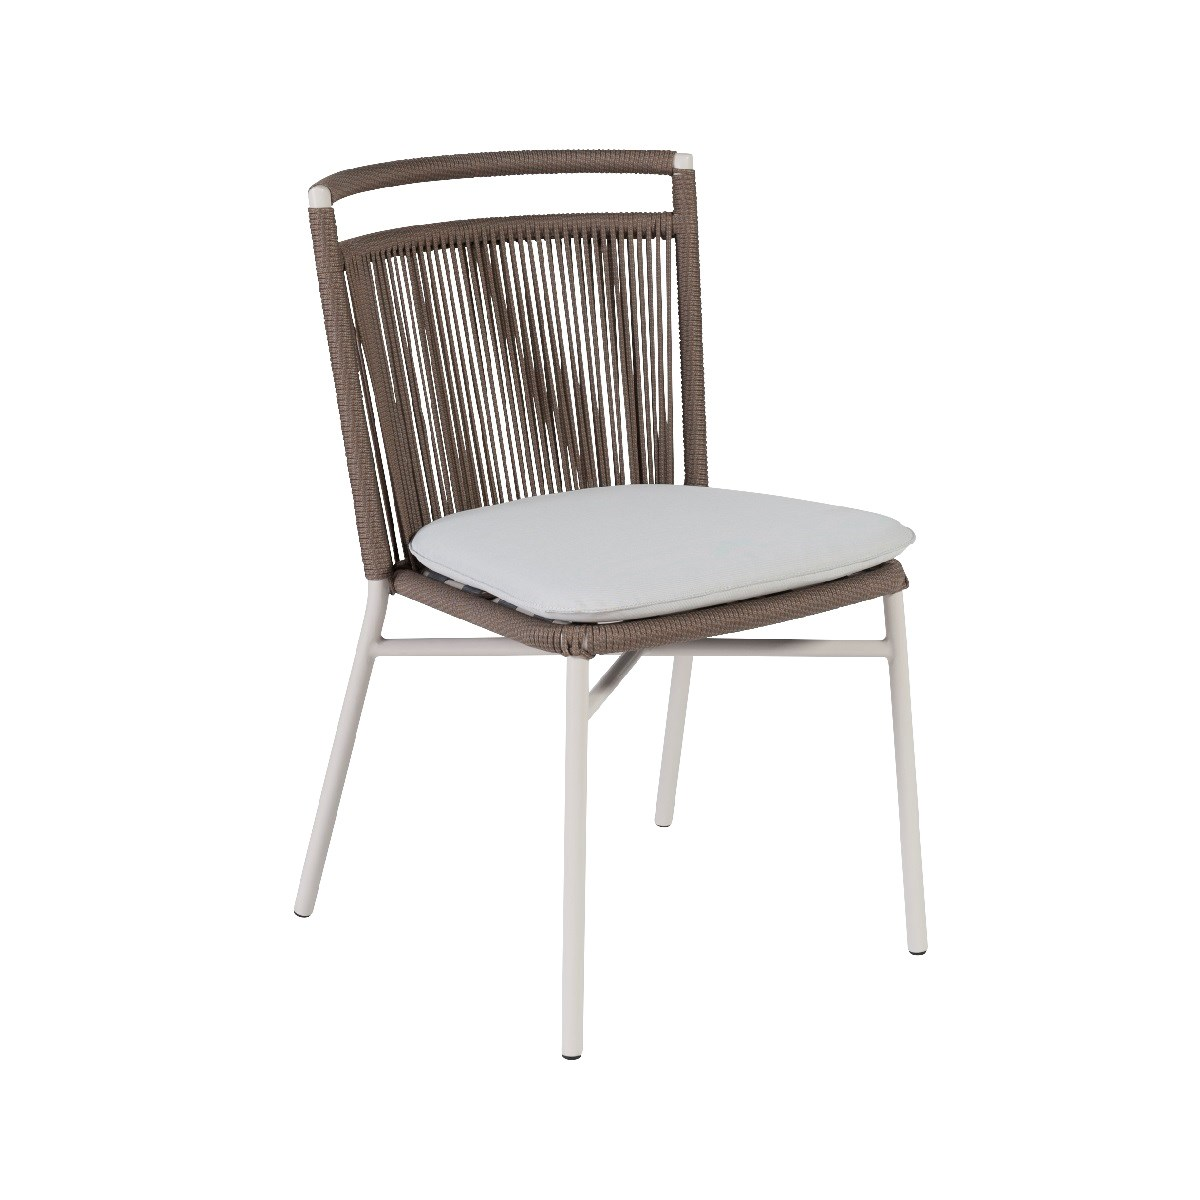 Chaise de jardin en corde tabac